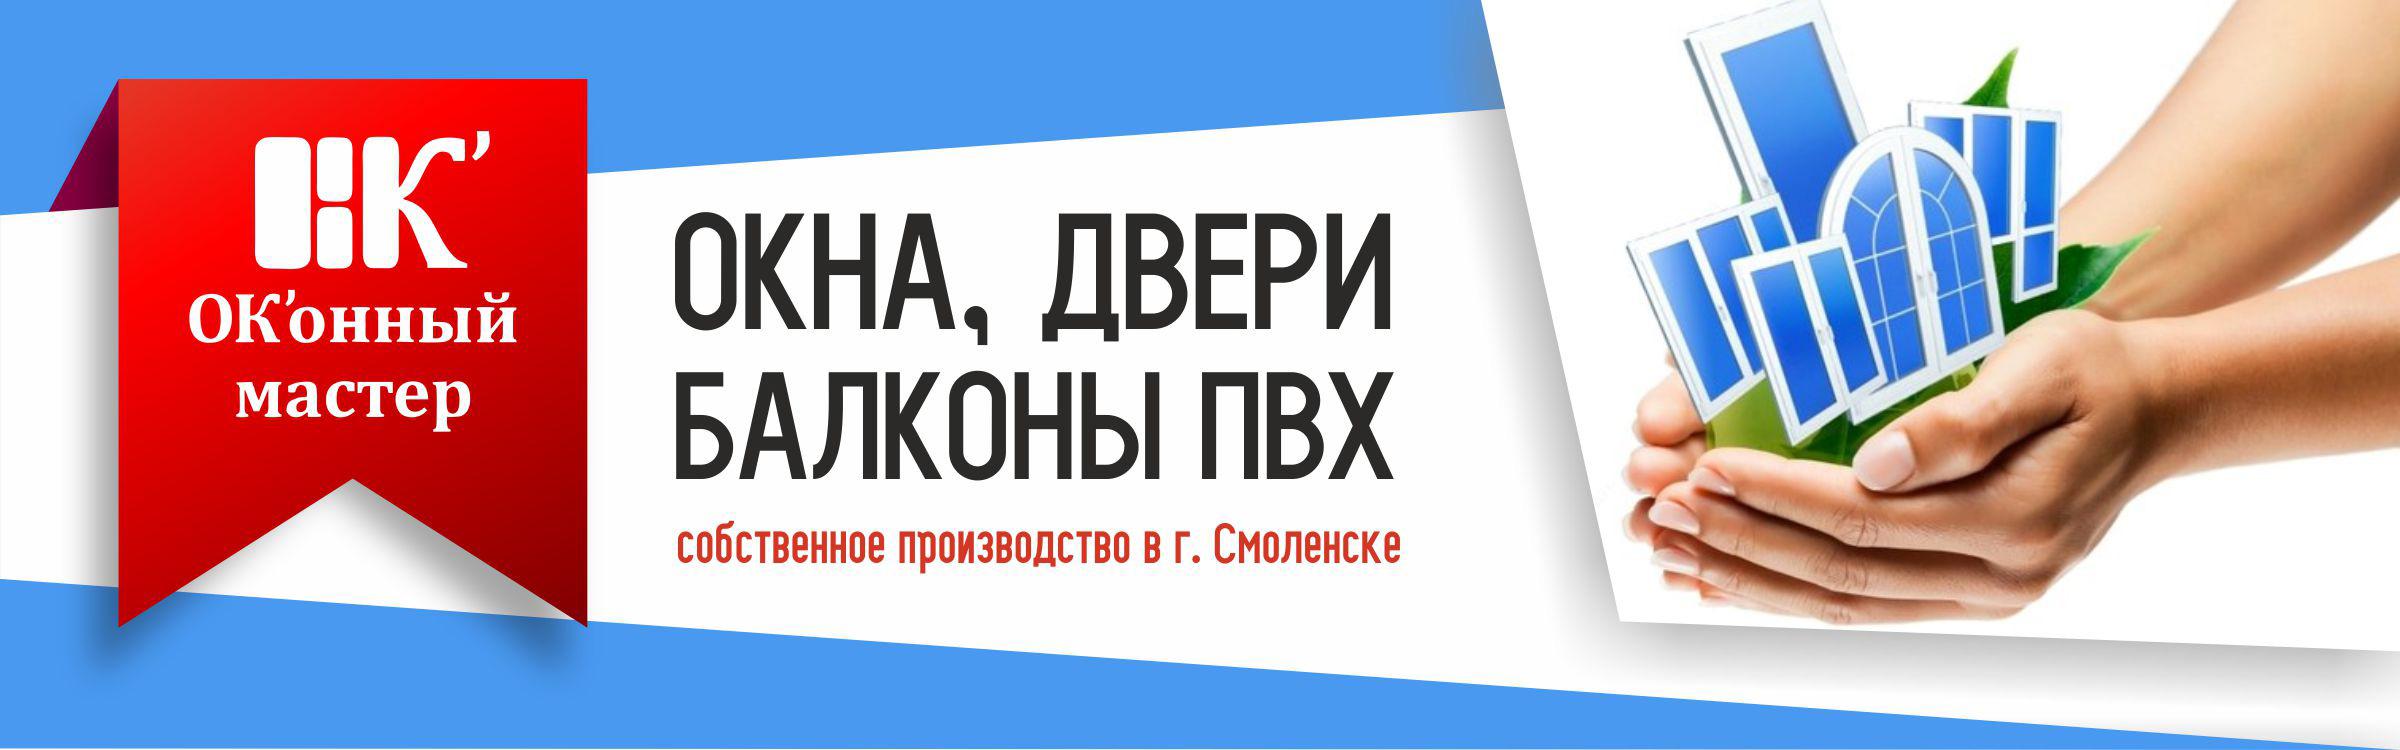 Оконная компания 'Оконный Мастер - Оконная компания' в Смоленске. Главная страница